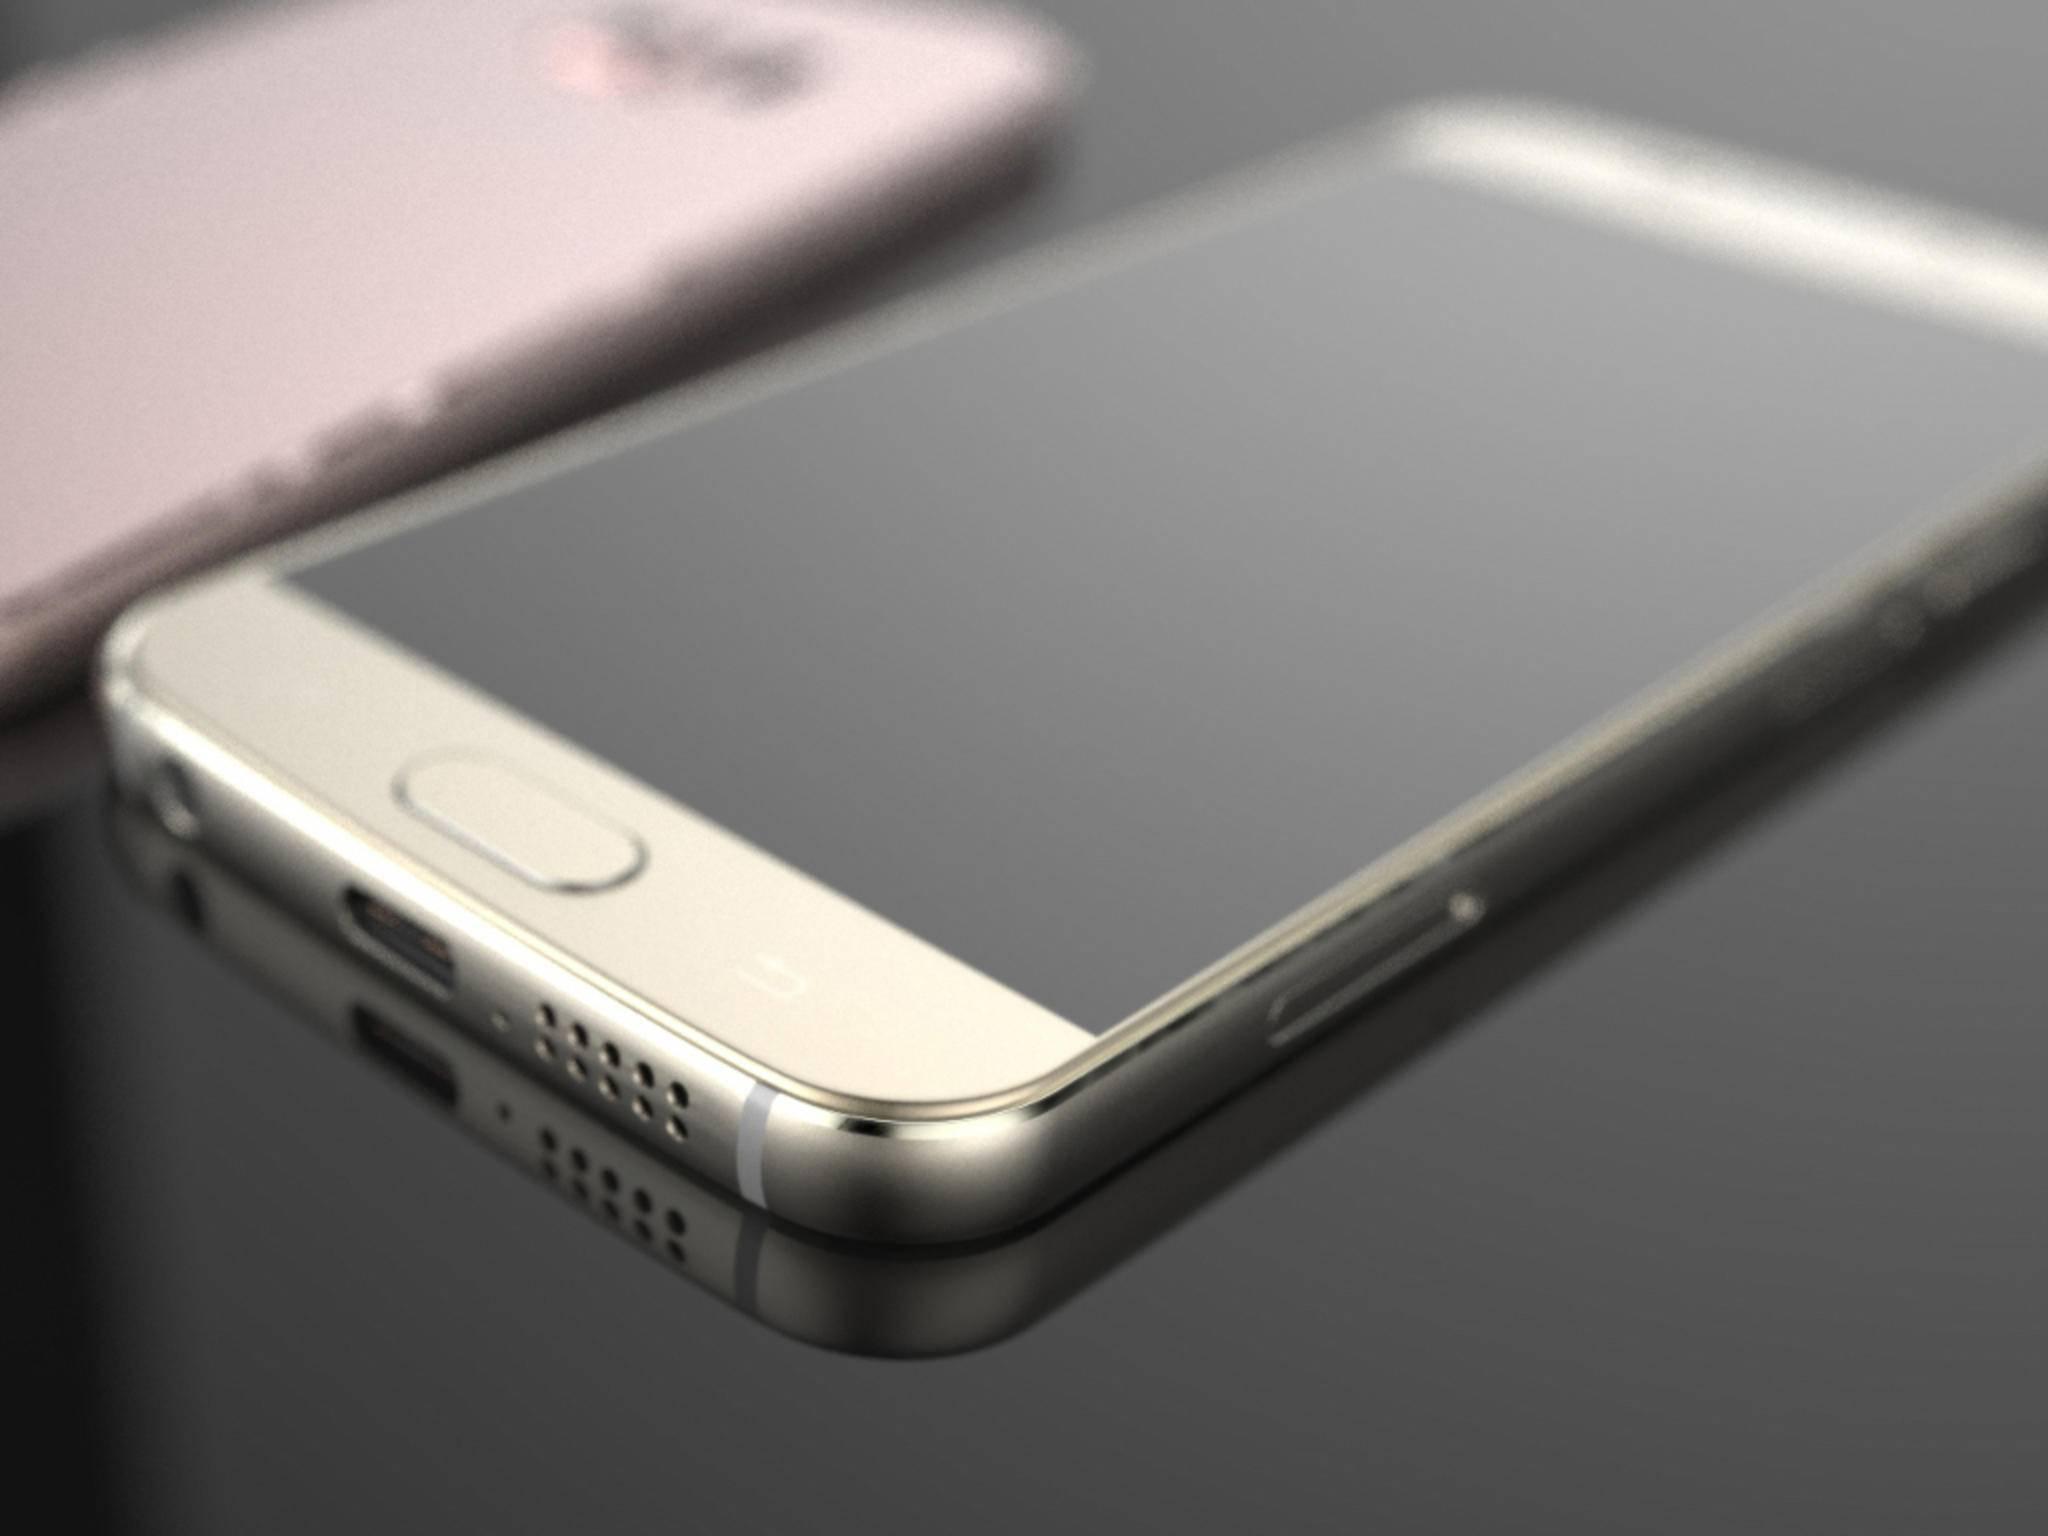 Eine Konzeptstudie des Samsung Galaxy S7. Wird das neue Flaggschiff im März 2016 erscheinen?